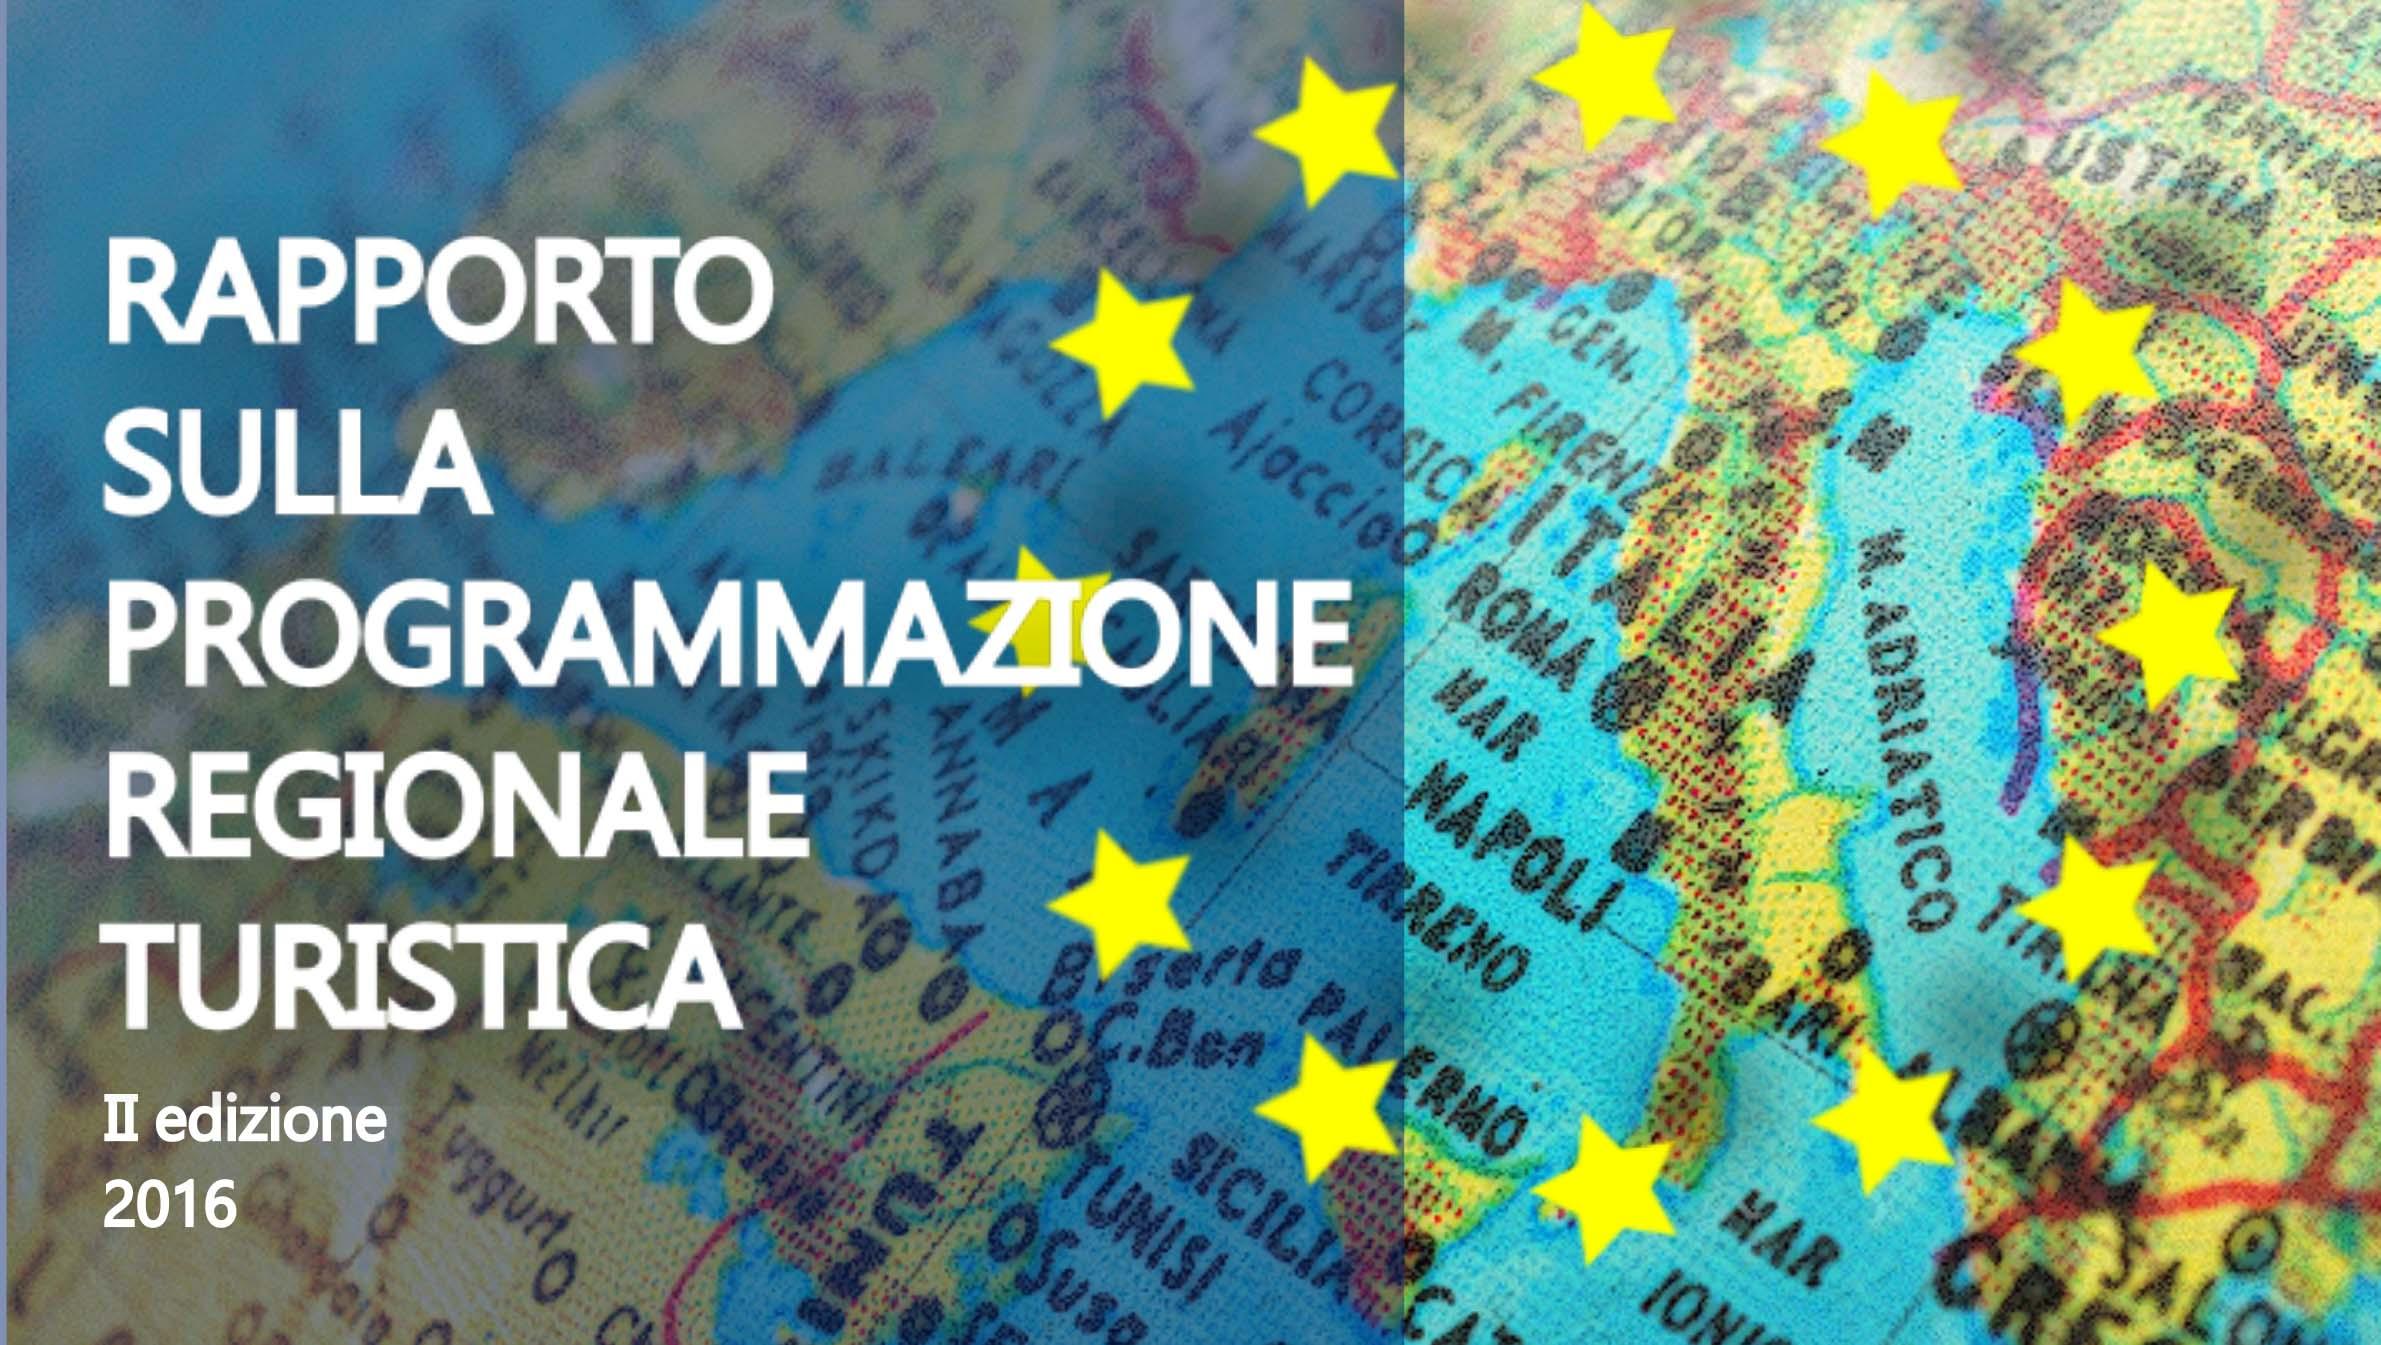 Rapporto sulla programmazione regionale turistica 2a edizione 2016 1